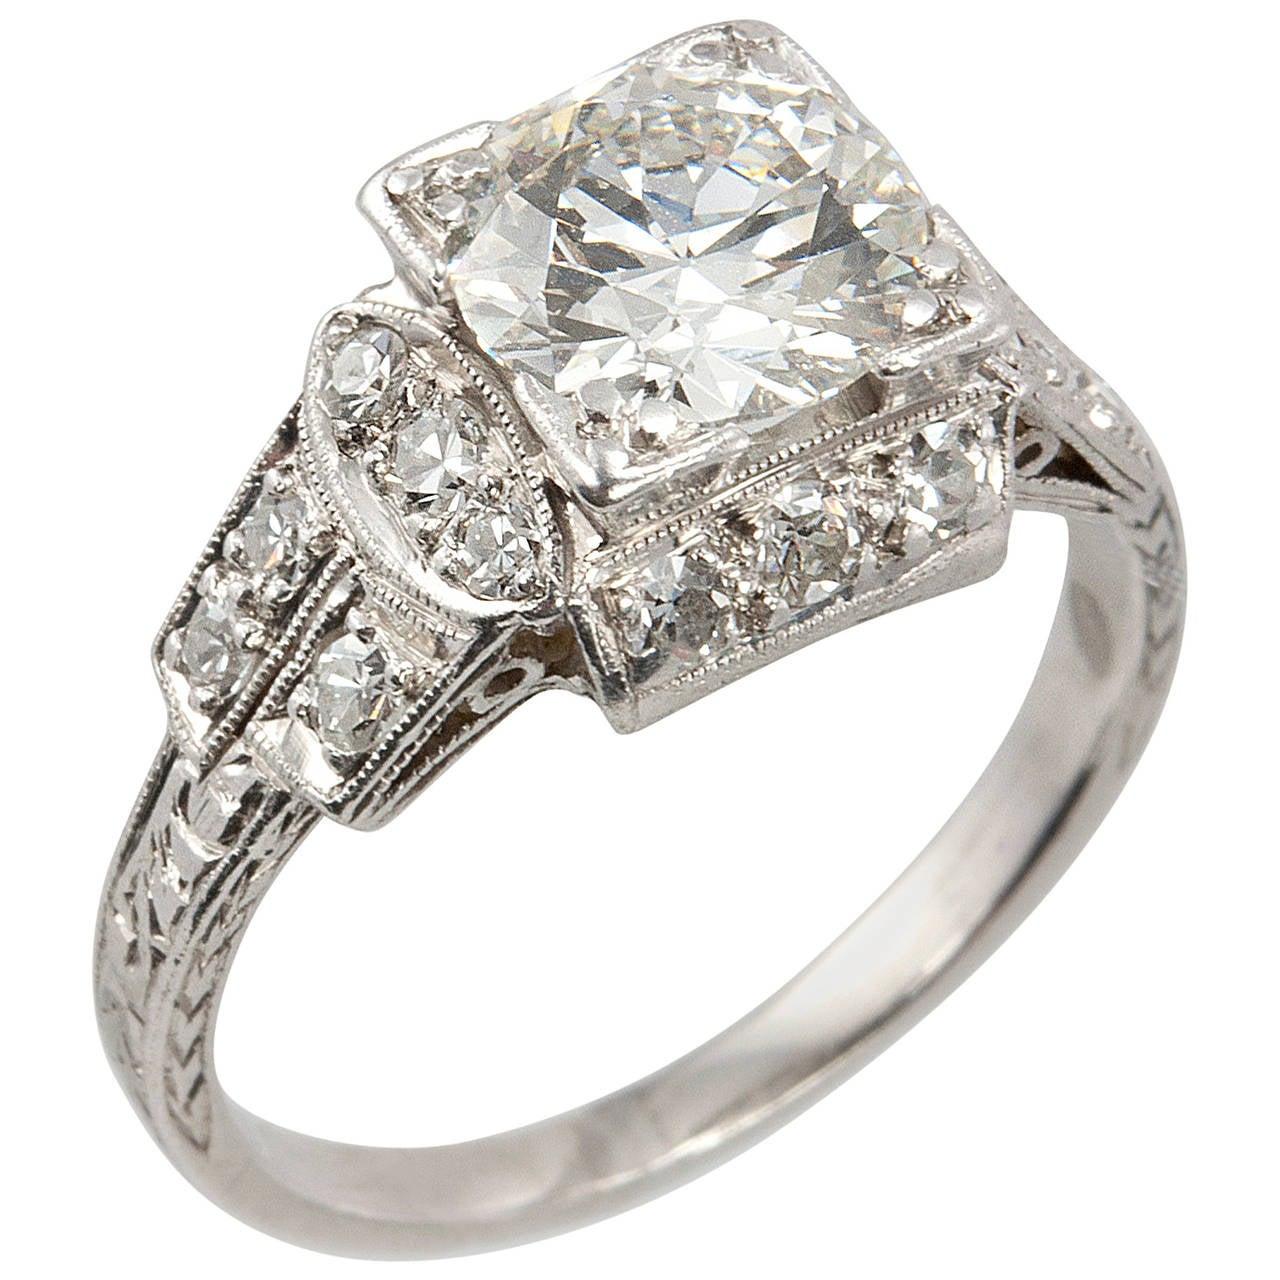 deco 1 42 carat platinum engagement ring at